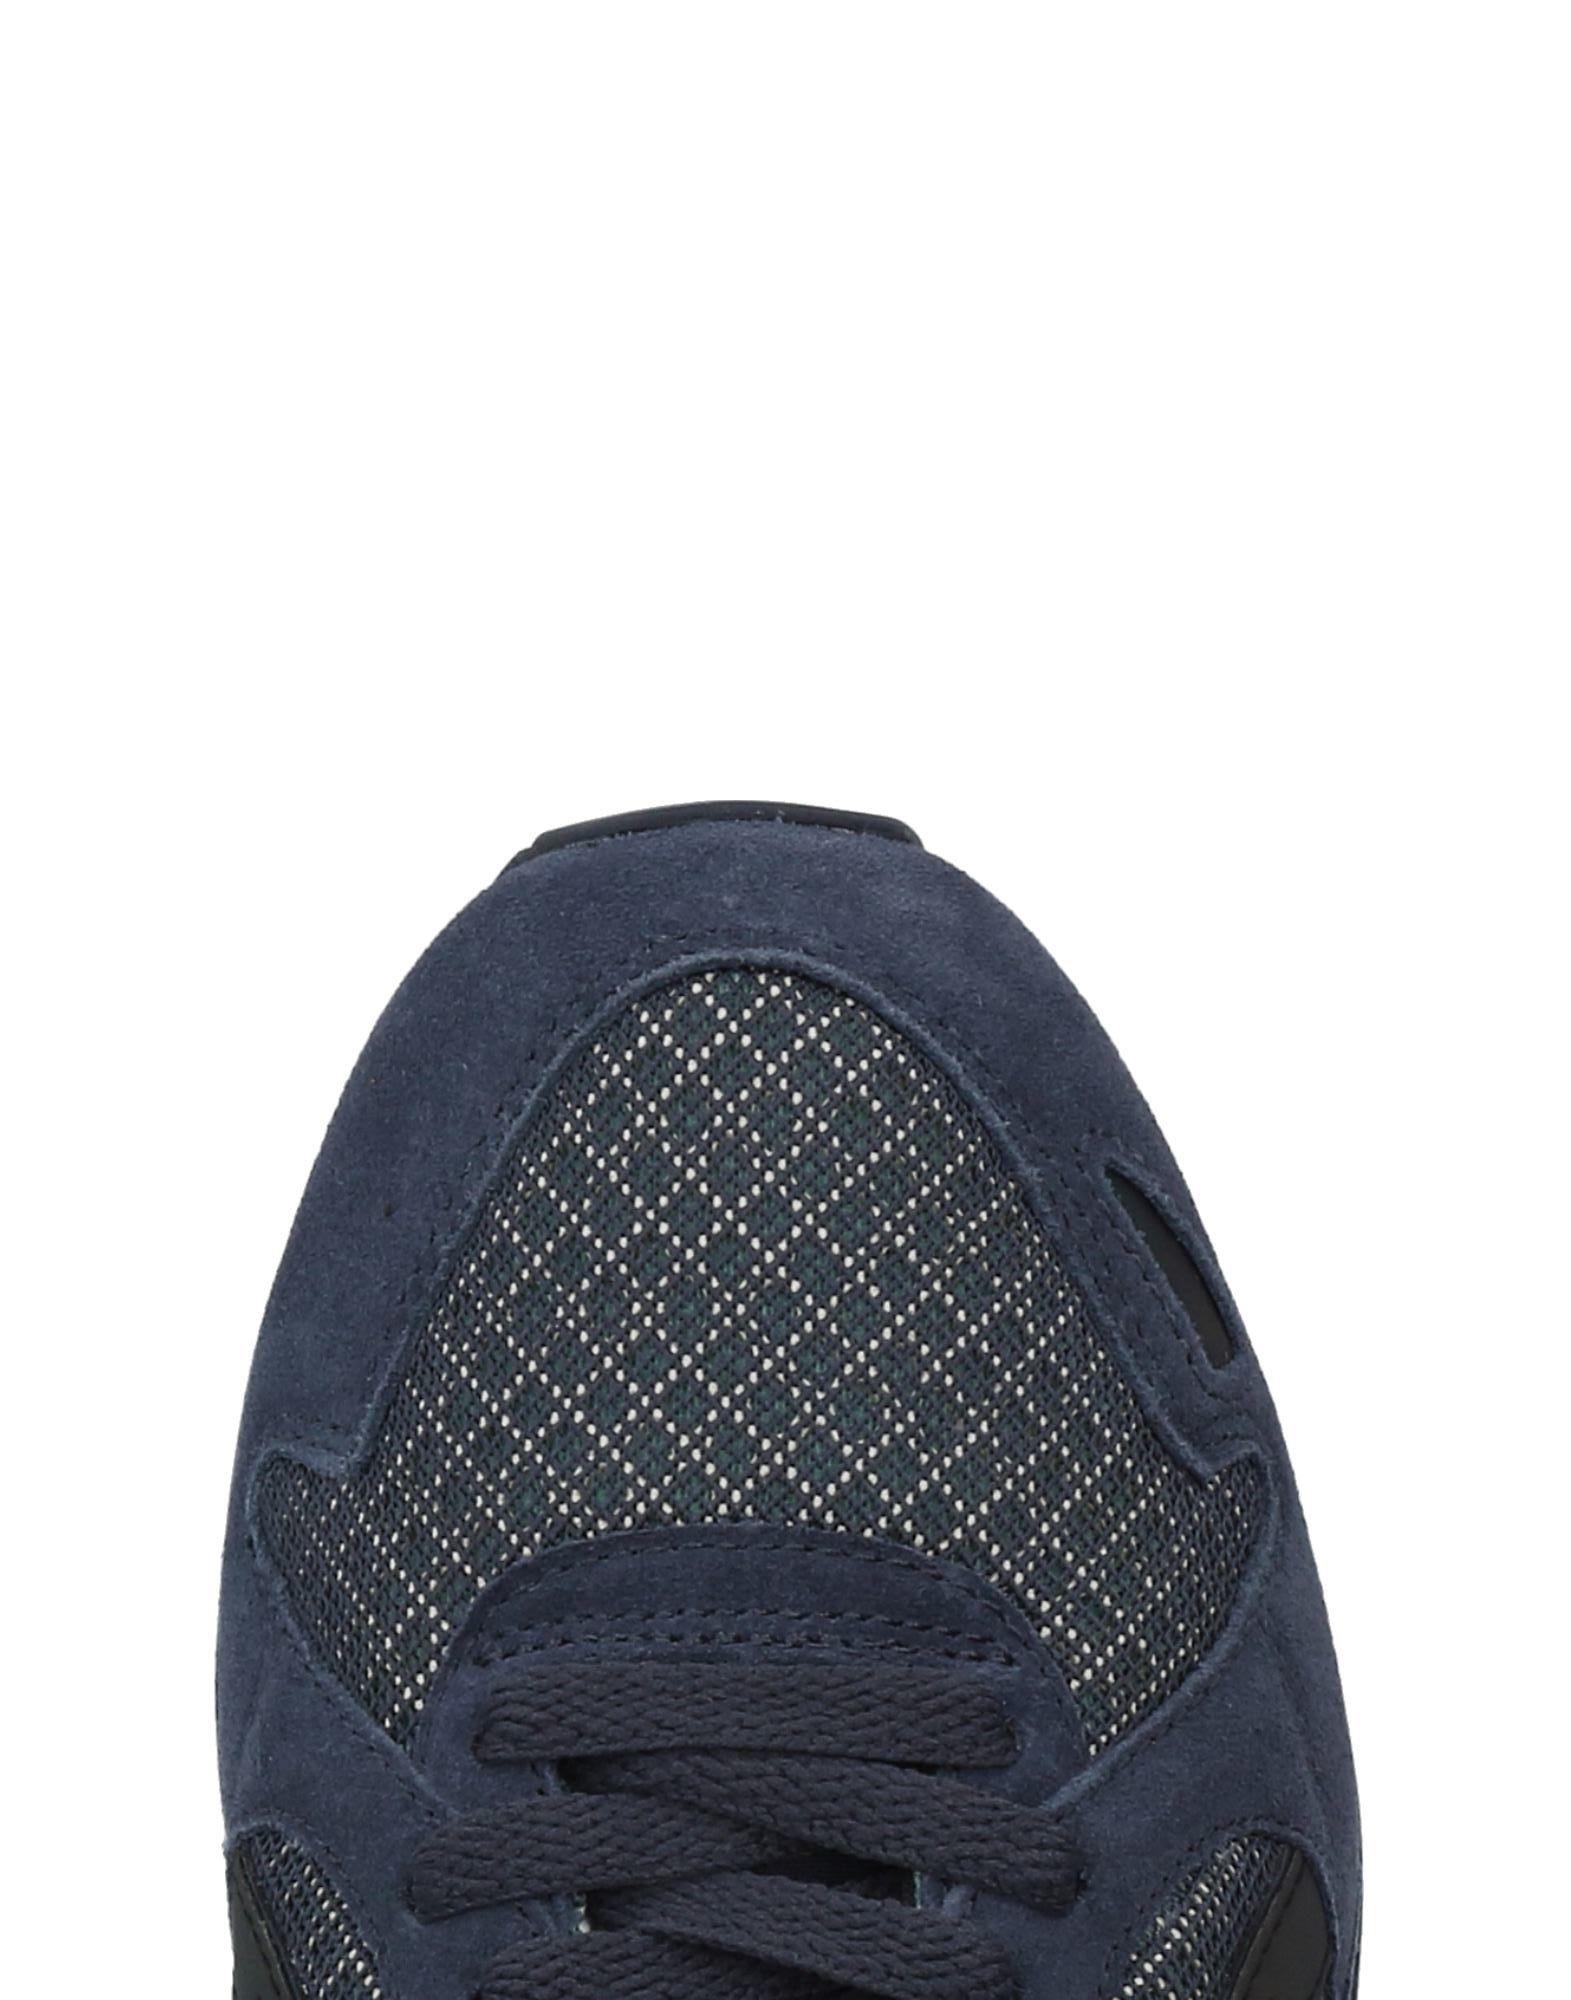 Asics Sneakers Damen  11415683GI Gute Qualität beliebte Schuhe